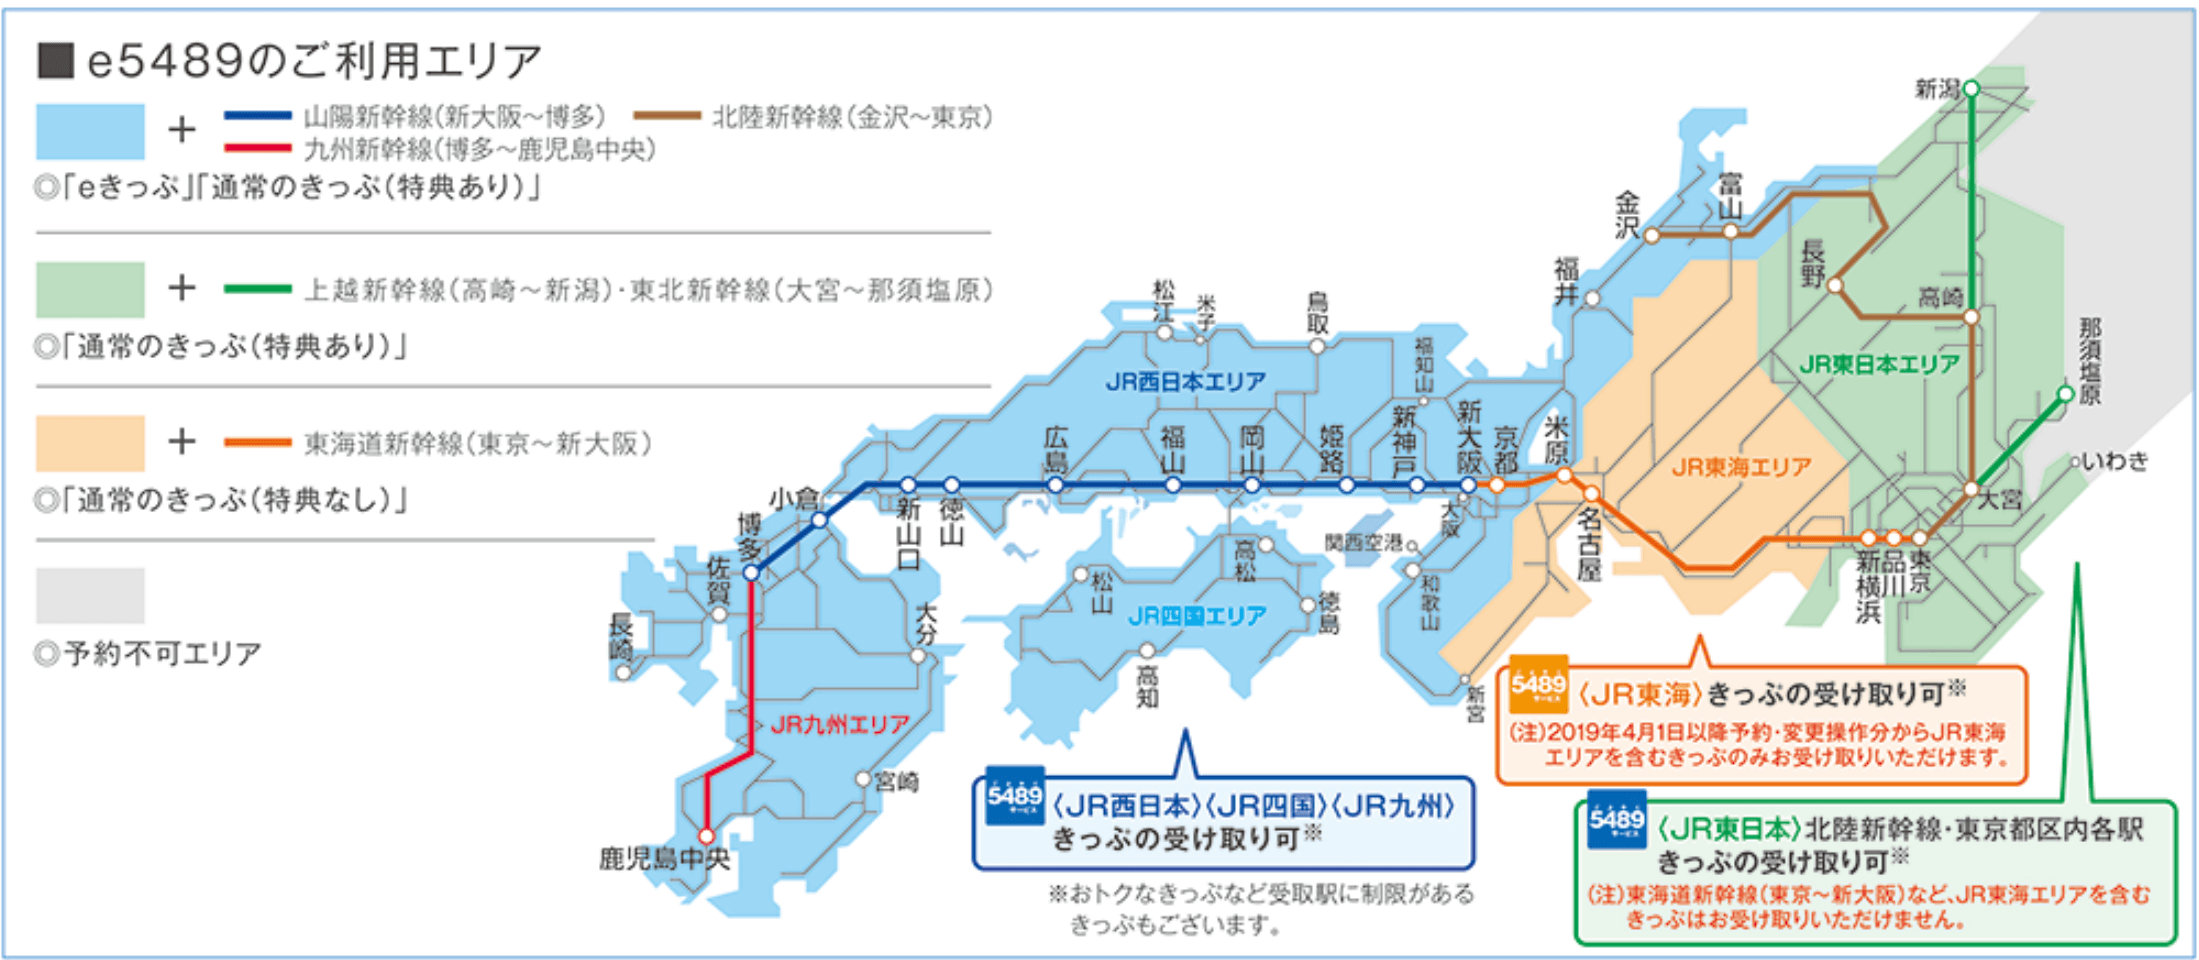 違い スマートex えきねっと JR東日本の新サービス「新幹線eチケット」とは?えきねっと・エクスプレス予約・スマートEXとの違いを超特急で解説!【買い方・乗り方】